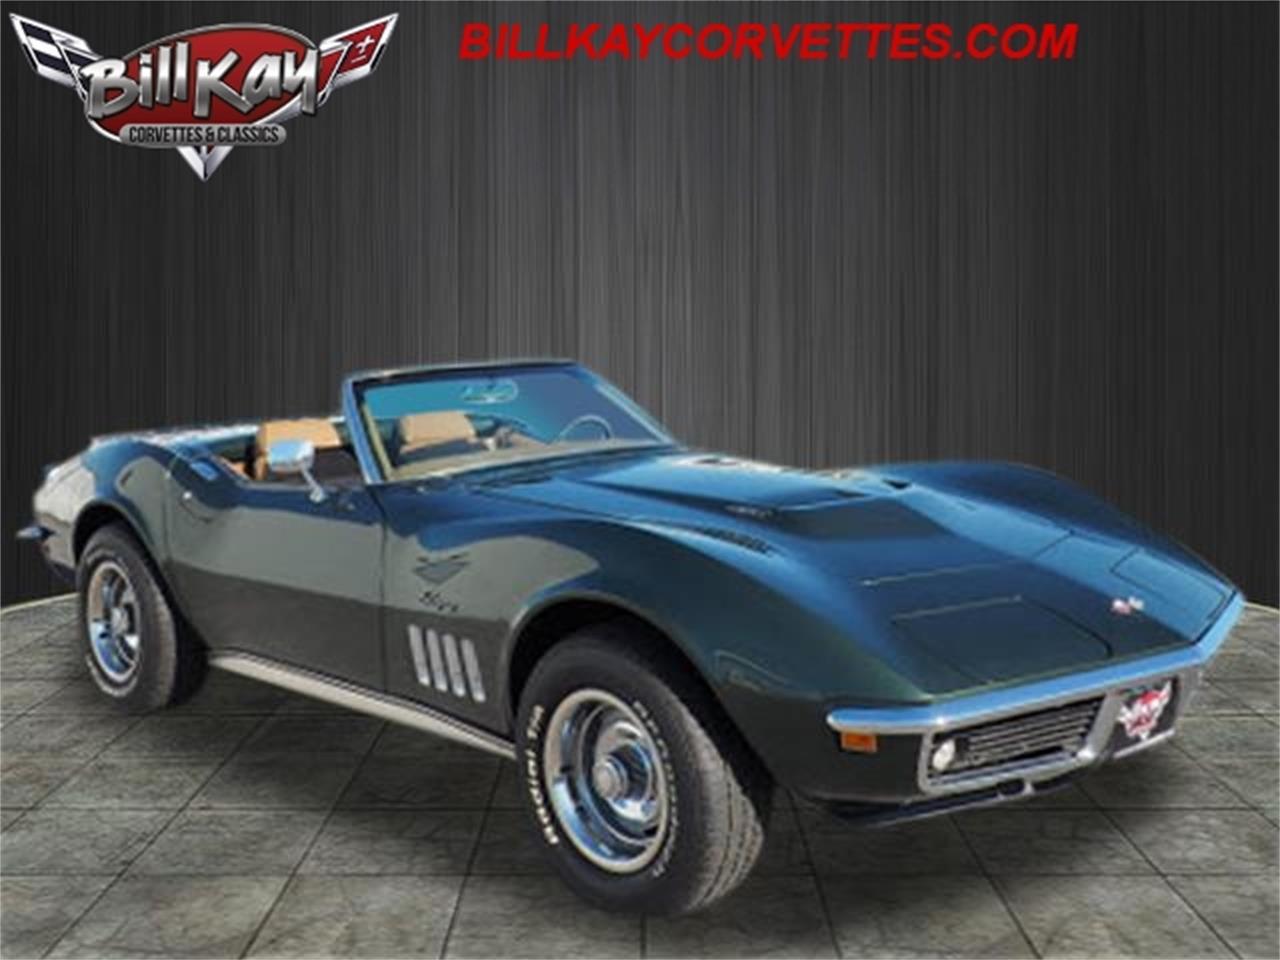 1969 Chevrolet Corvette Stingray For Sale Classiccars Com Cc 1141508